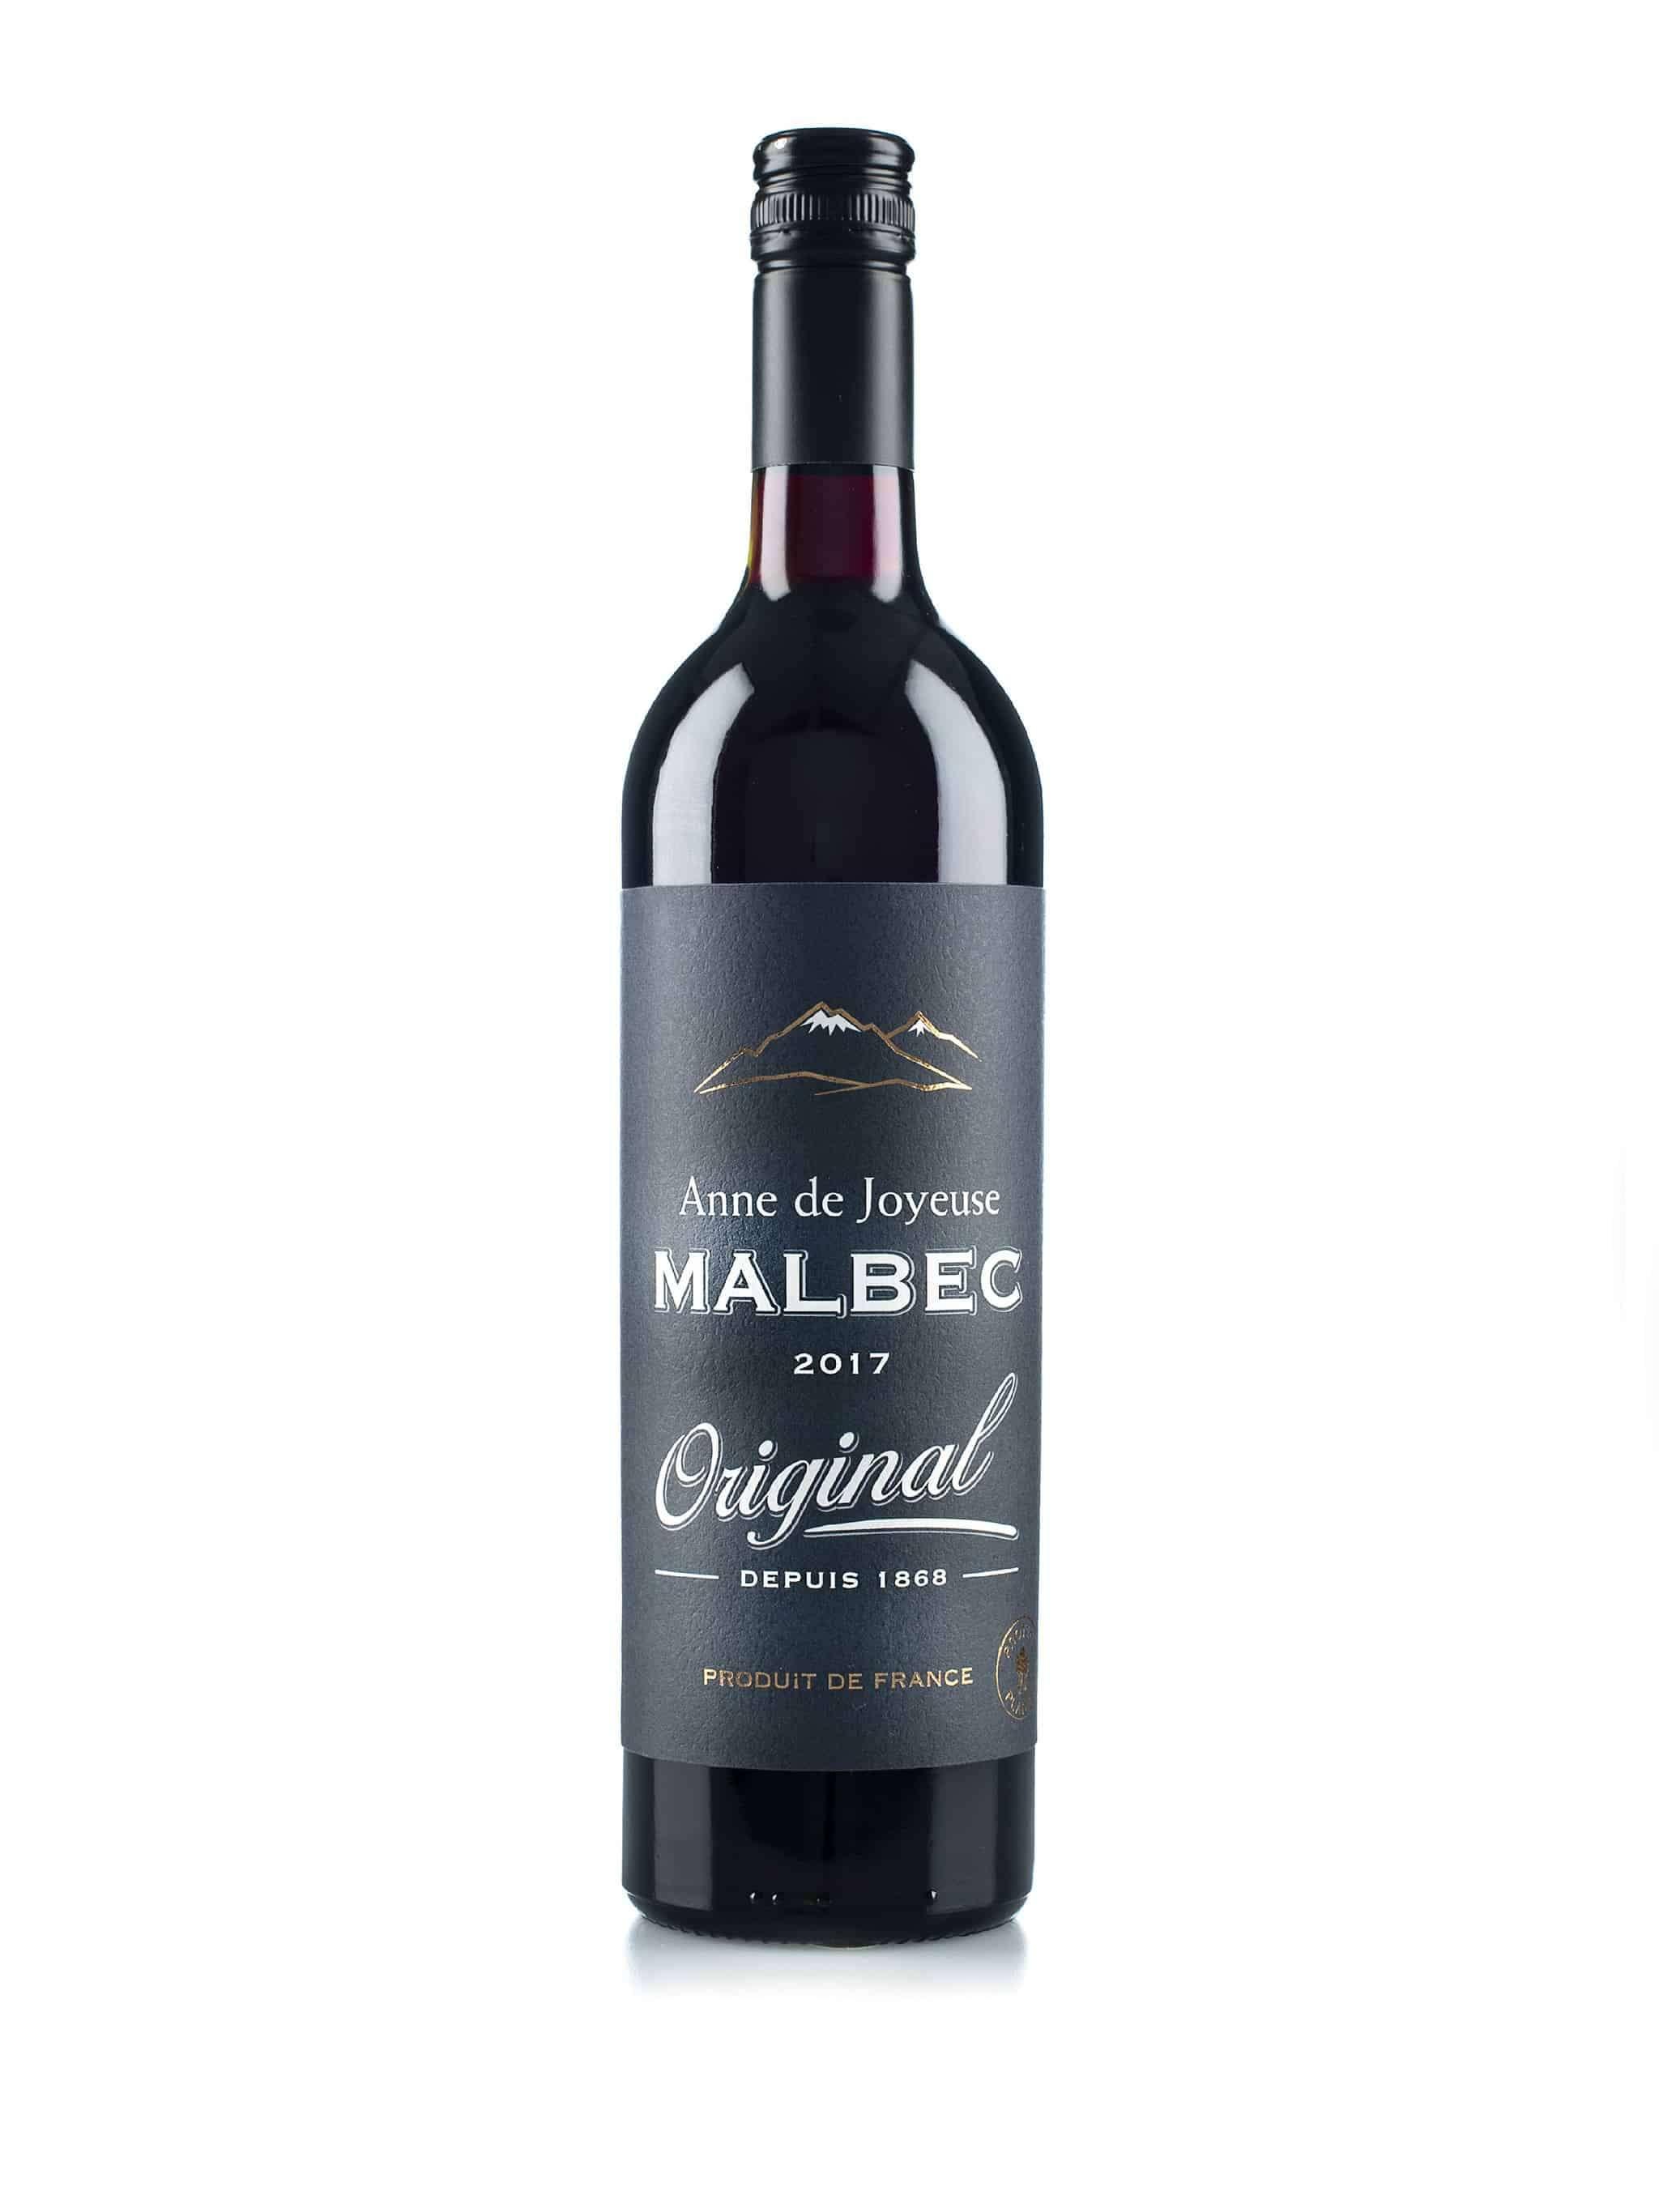 Franse rode wijn van wijndomein Anne de Joyeuse: Malbec 'Original'